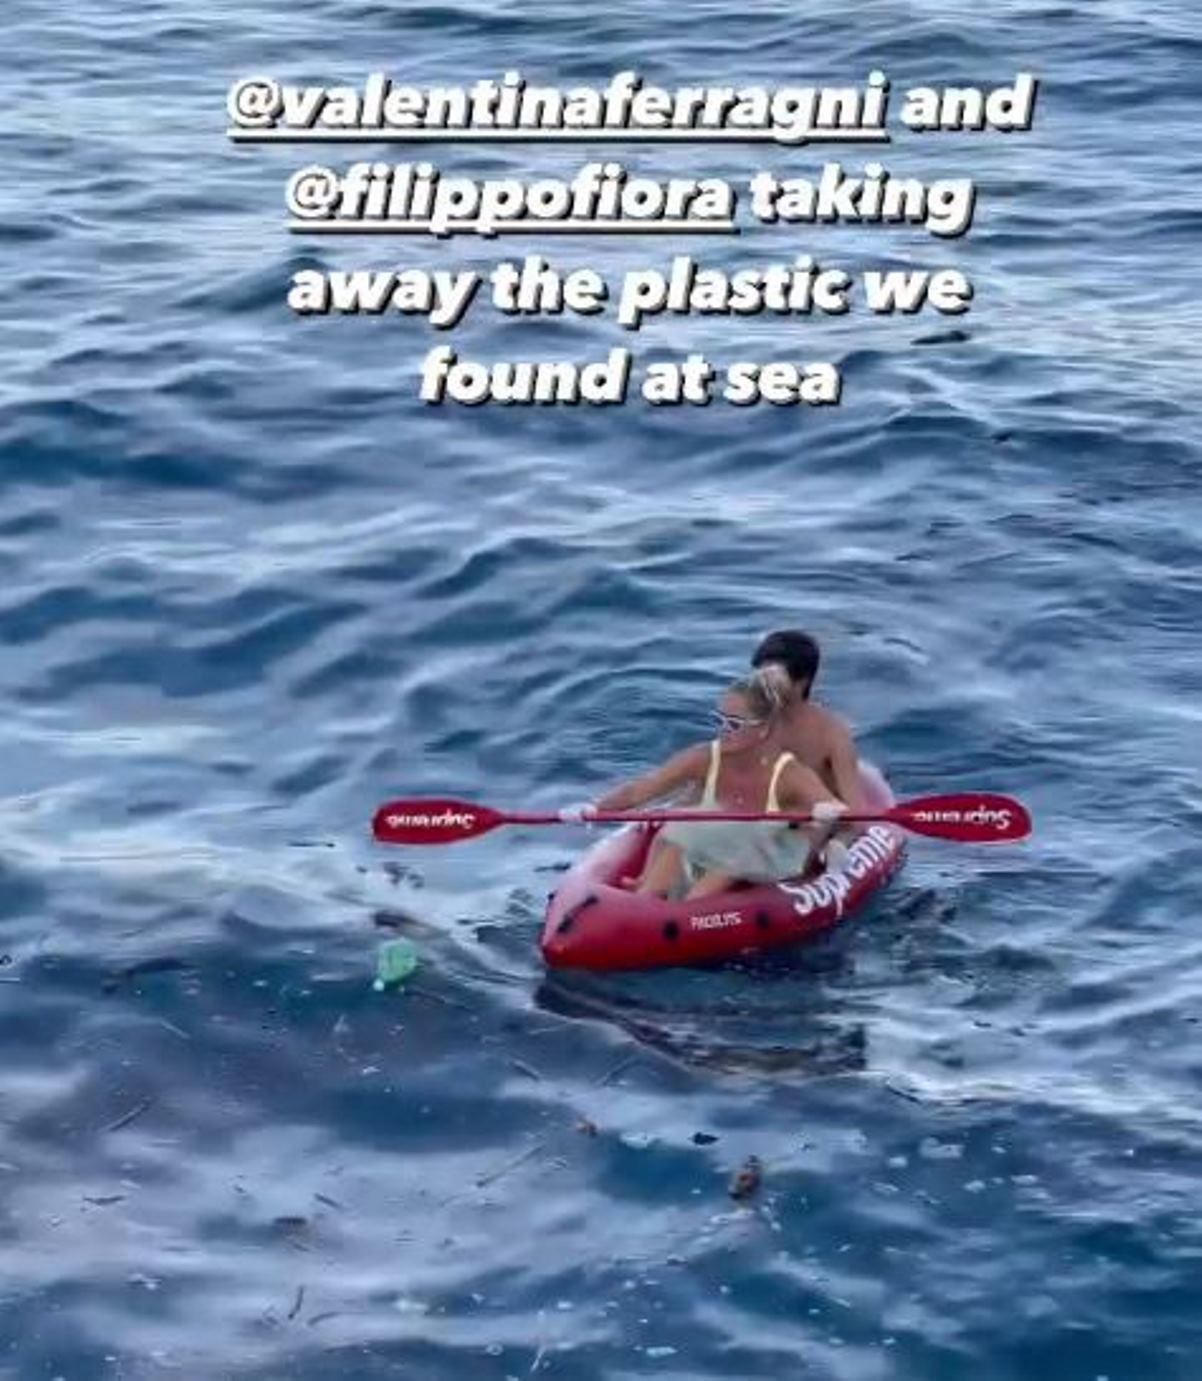 valentina ferragni raccoglie plastica in mare